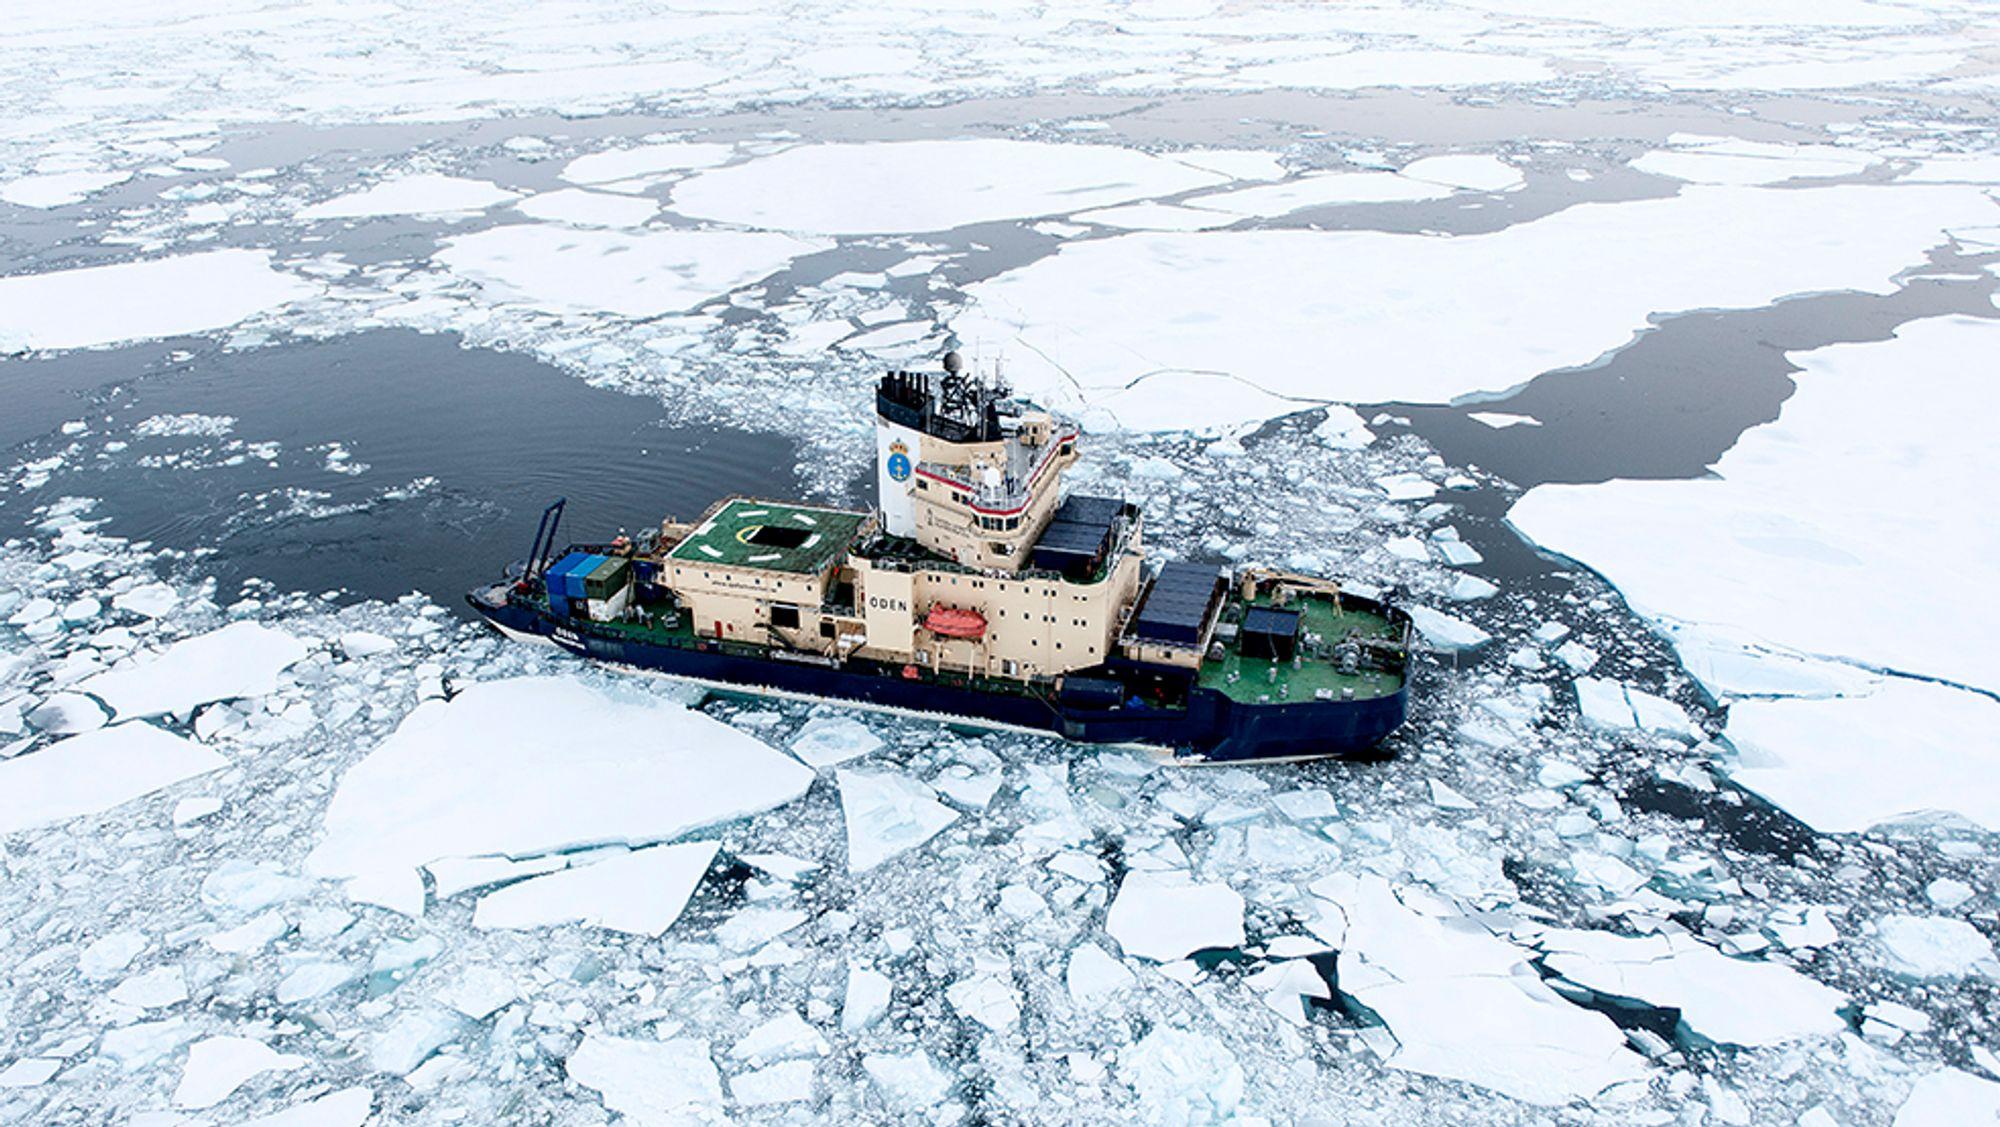 or å få skip til å ligge i ro uten anker, brukes teknologien dynamisk posisjonering. Is og ekstremvær gjør det enda mer krevende. Da trengs også kunnskap om isens krefter på båten, og hvordan isen beveger seg i nærområdet.